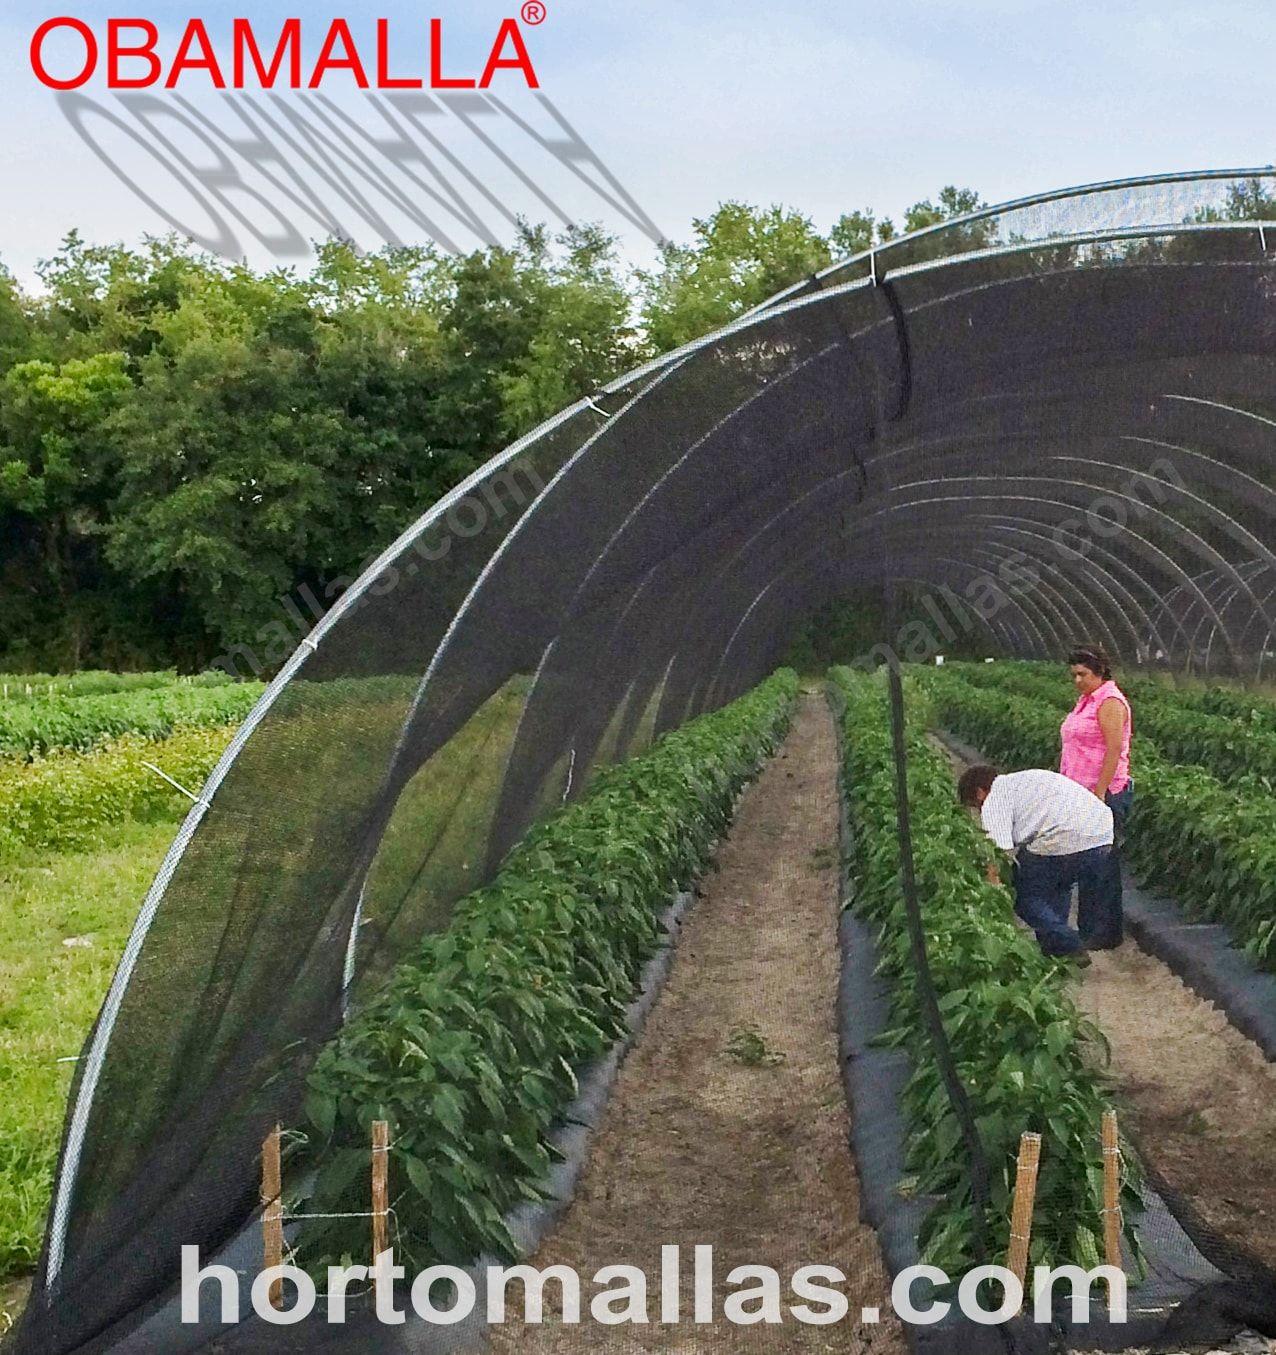 Malha/Rede de sombreamento OBAMALLA® instalada em micro-túnel em um cultivo de hortaliças/vegetais.